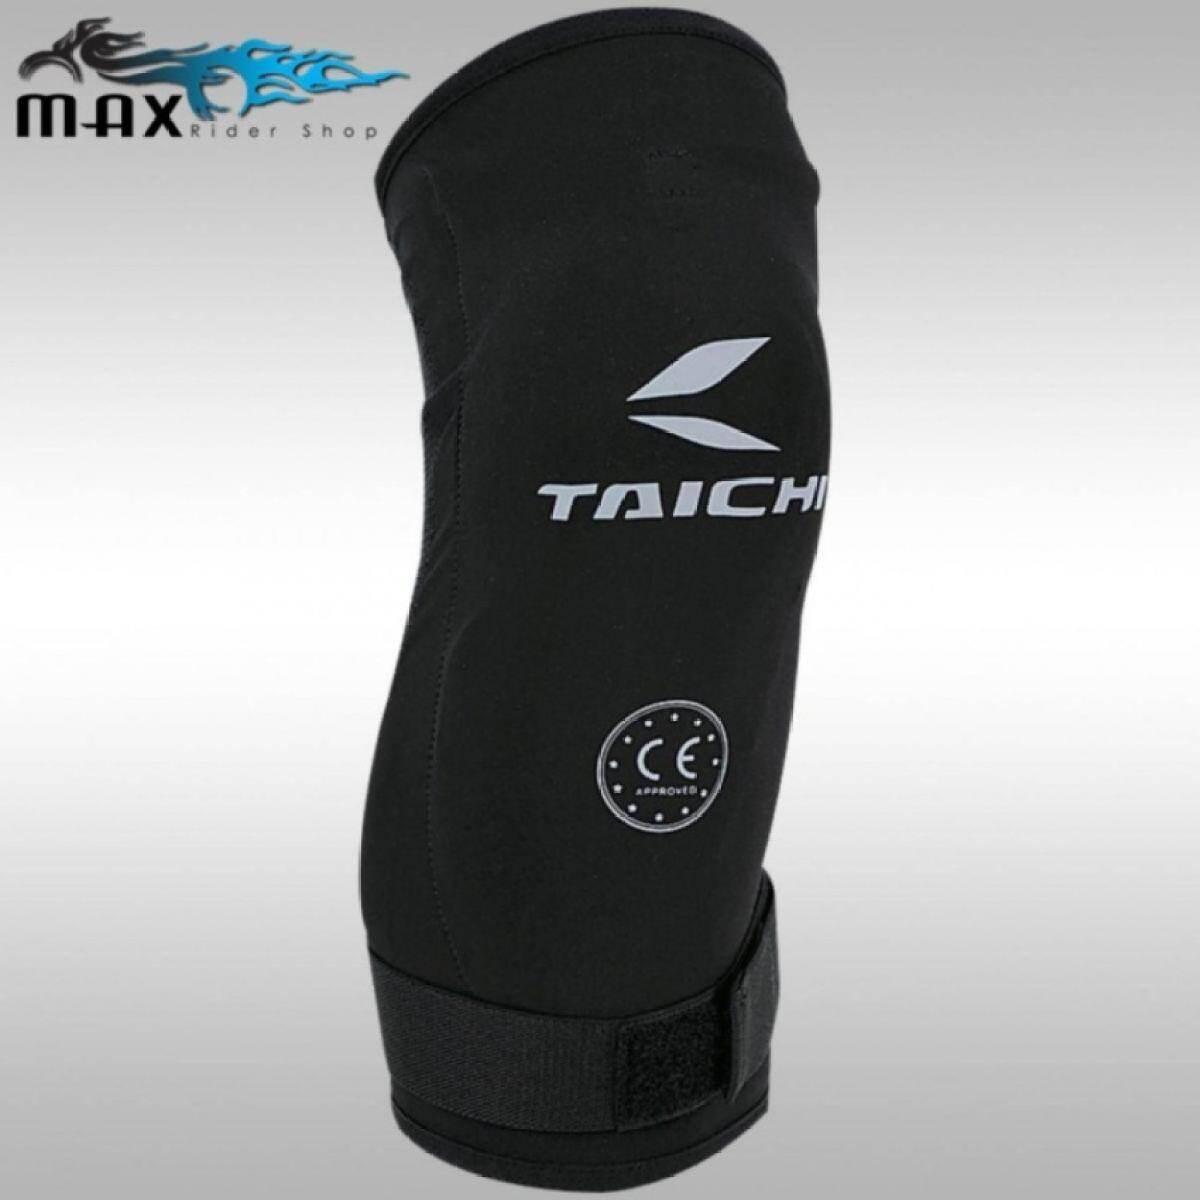 RS Taichi Stealth Knee Guard: Jual Beli atas talian Alat Sokongan dengan harga yang lebih murah